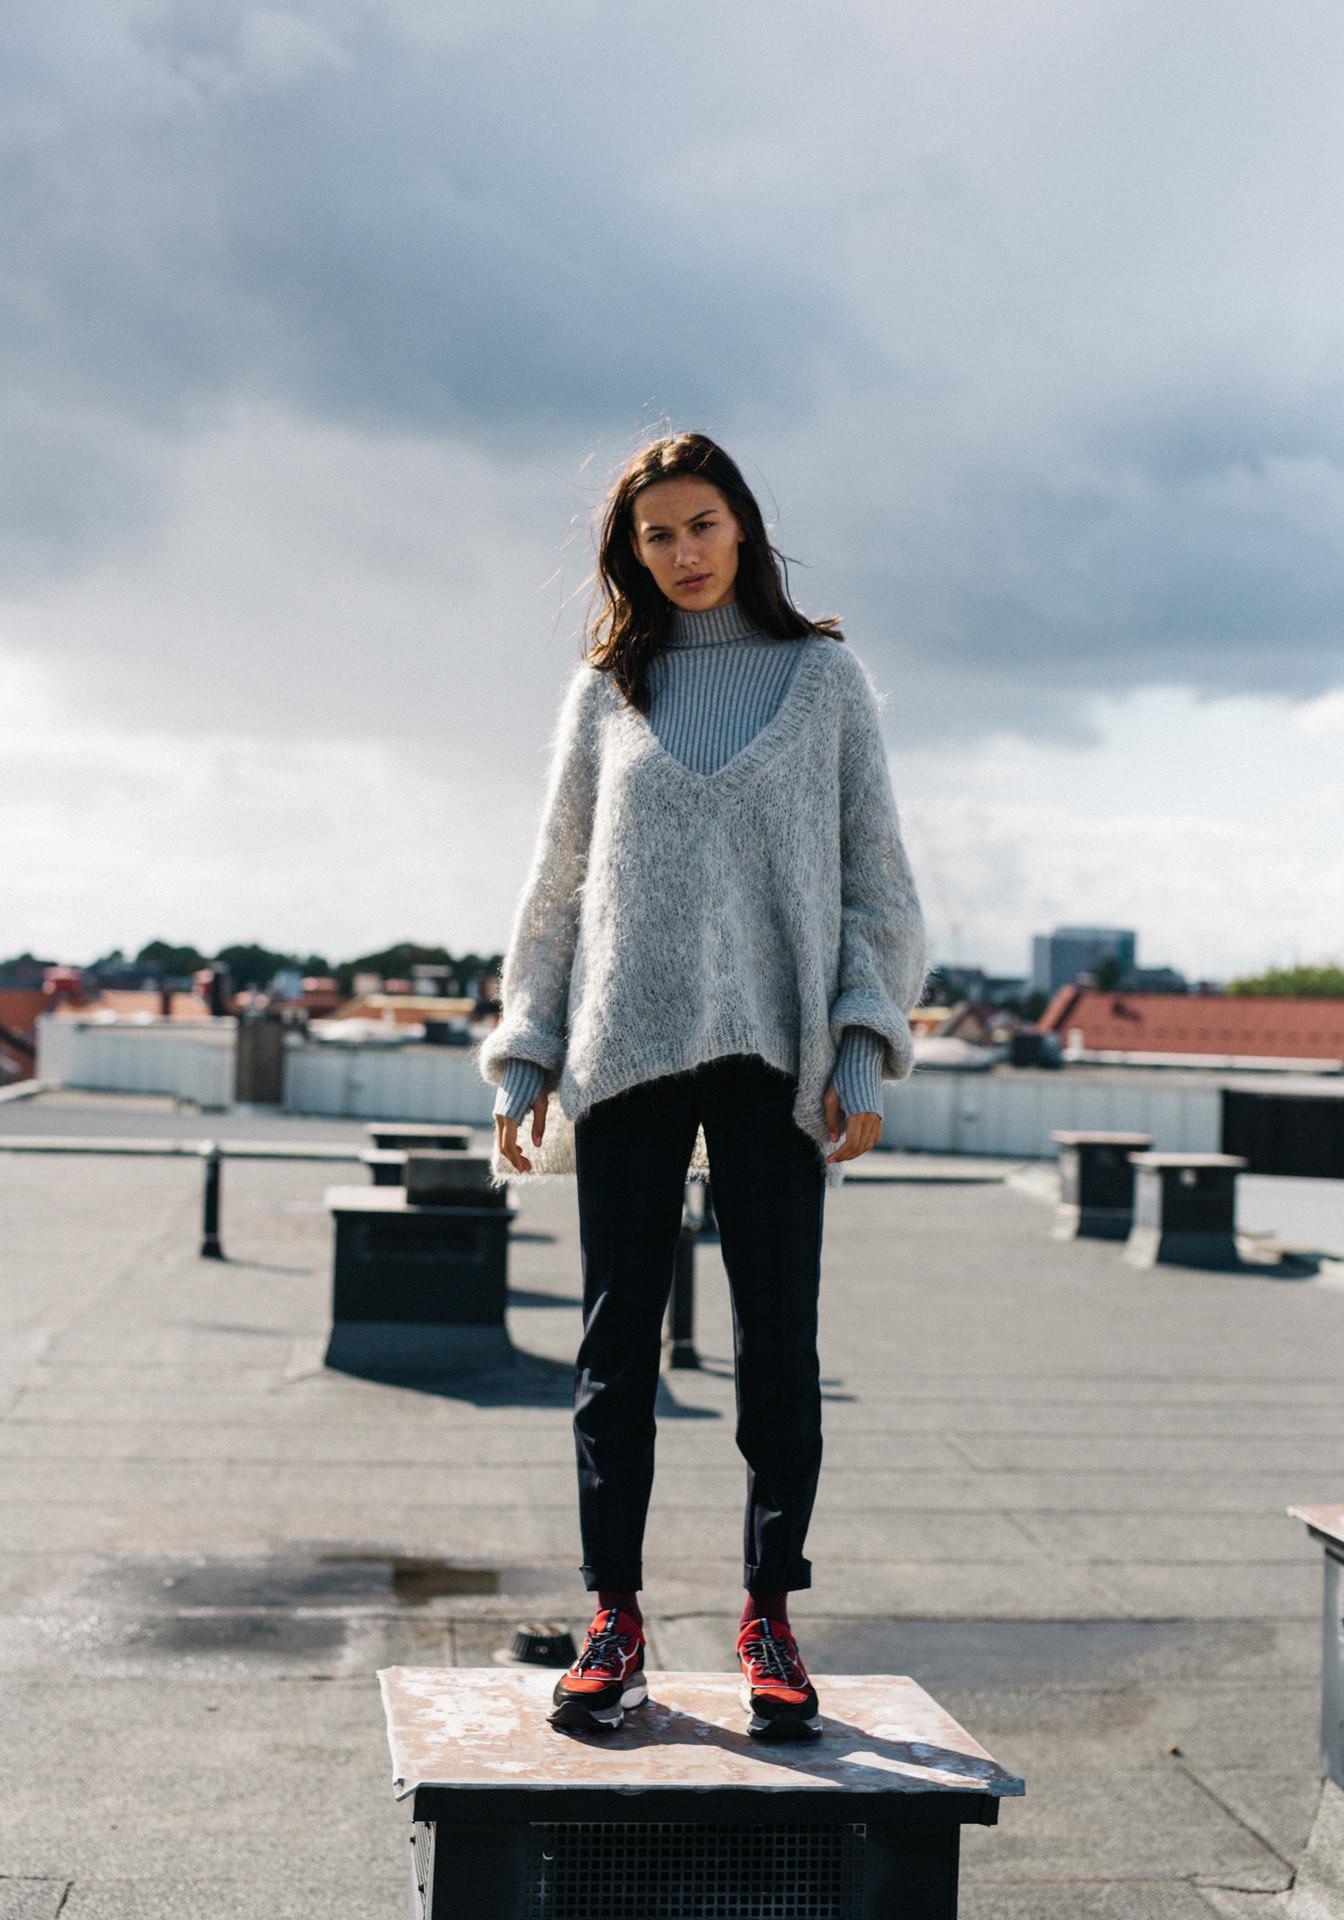 kolleksjonsbilde av modell i strikkegenseren Ella fra Skappel